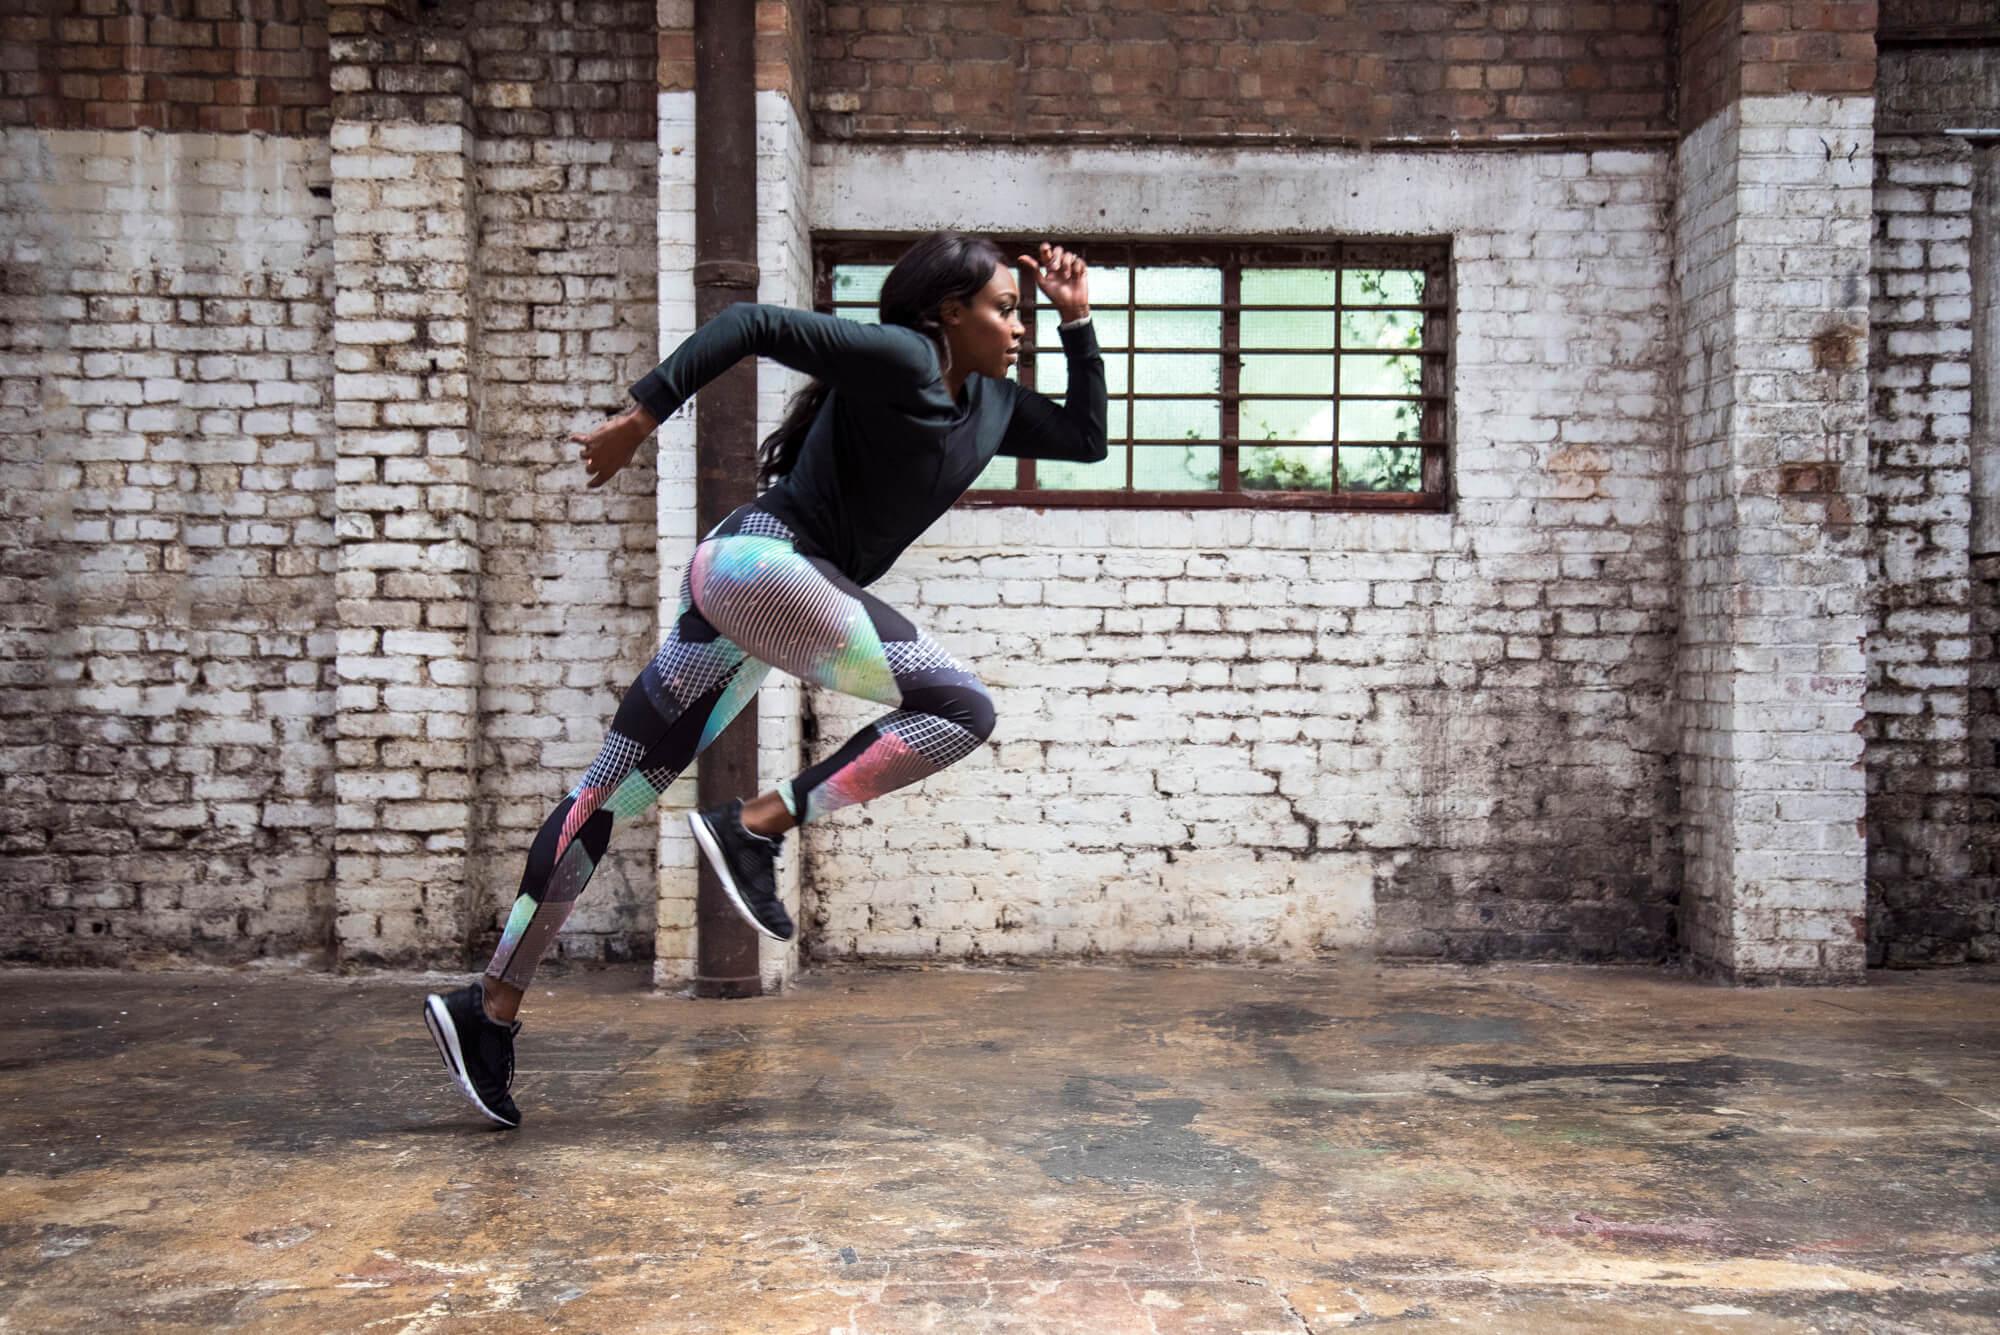 Tashi Skervin-Clarke training in studio